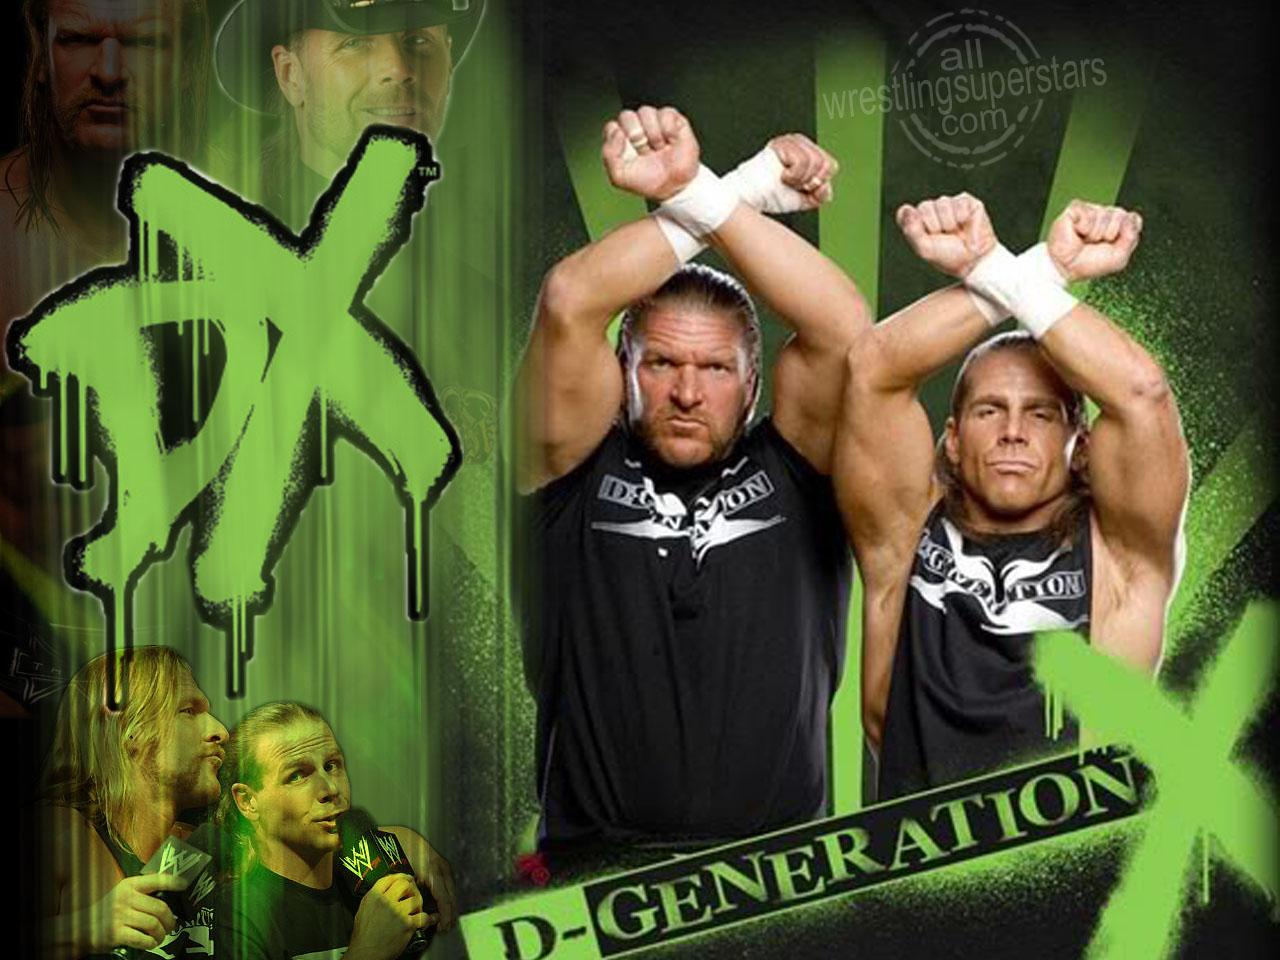 http://2.bp.blogspot.com/-1L5Jo3ihBtc/UU99mnapGaI/AAAAAAAAAss/BZexBRiiQBw/s1600/WWE+DX+10.jpg